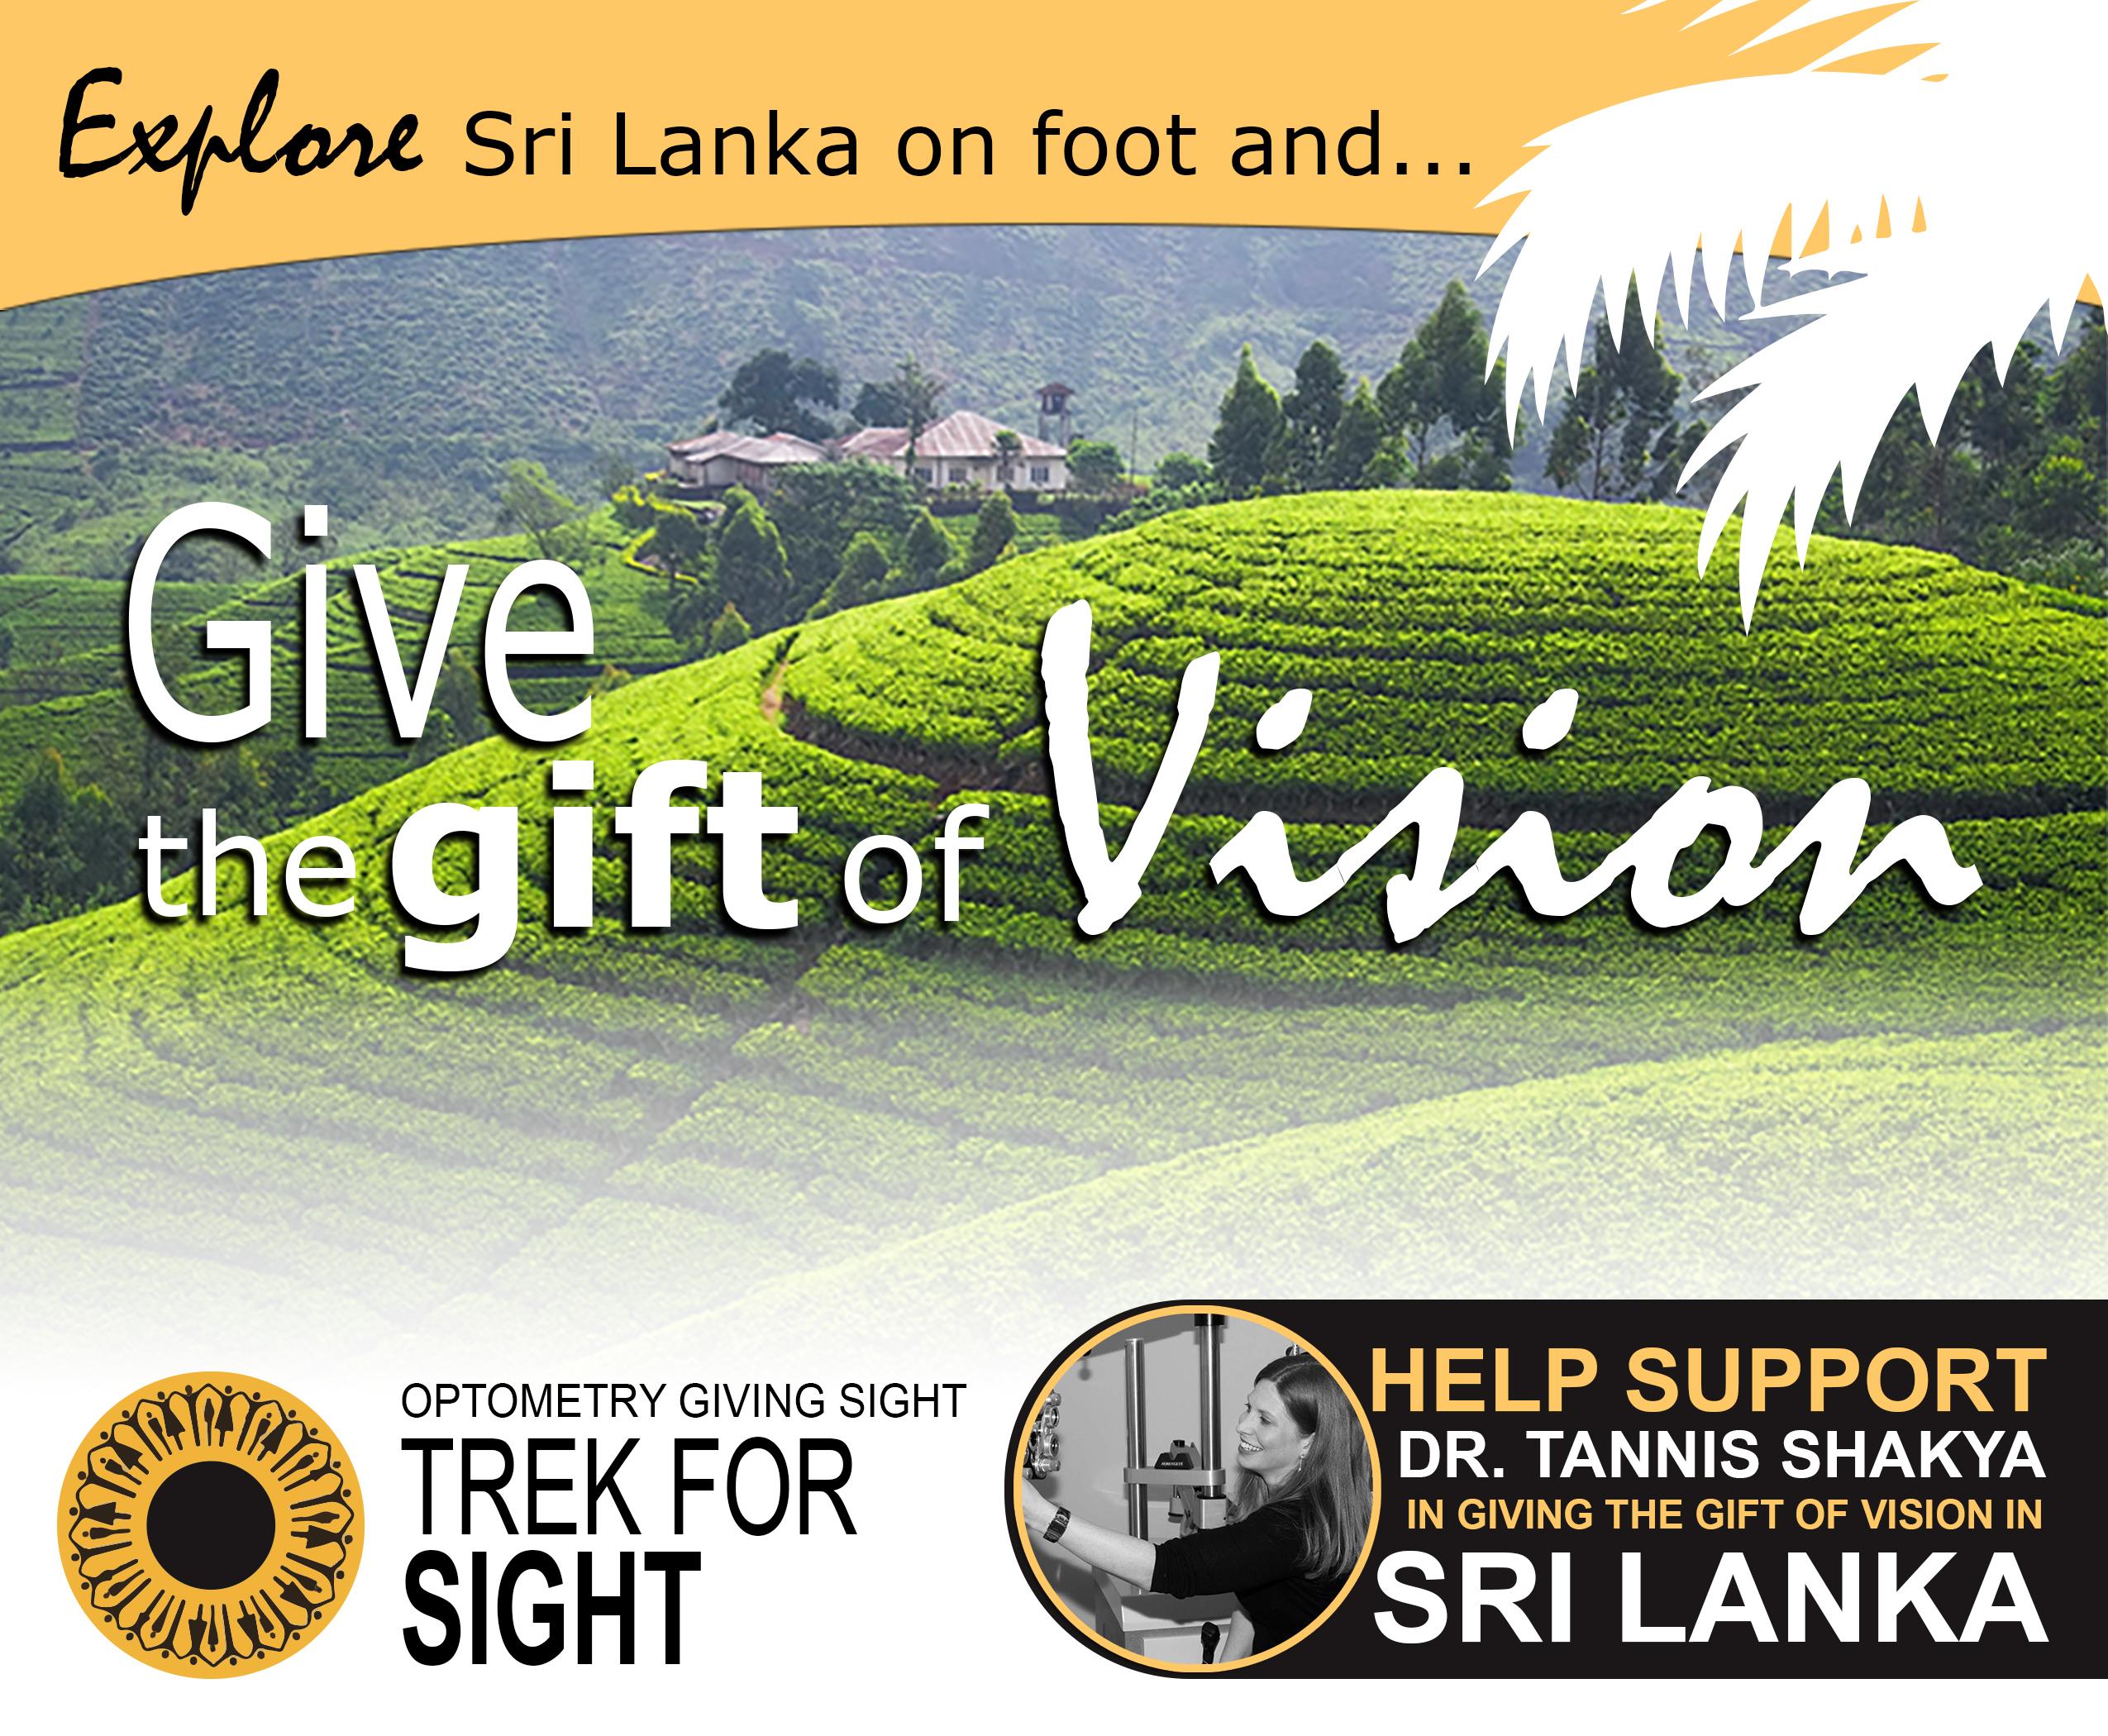 SRI LANKA header image for website